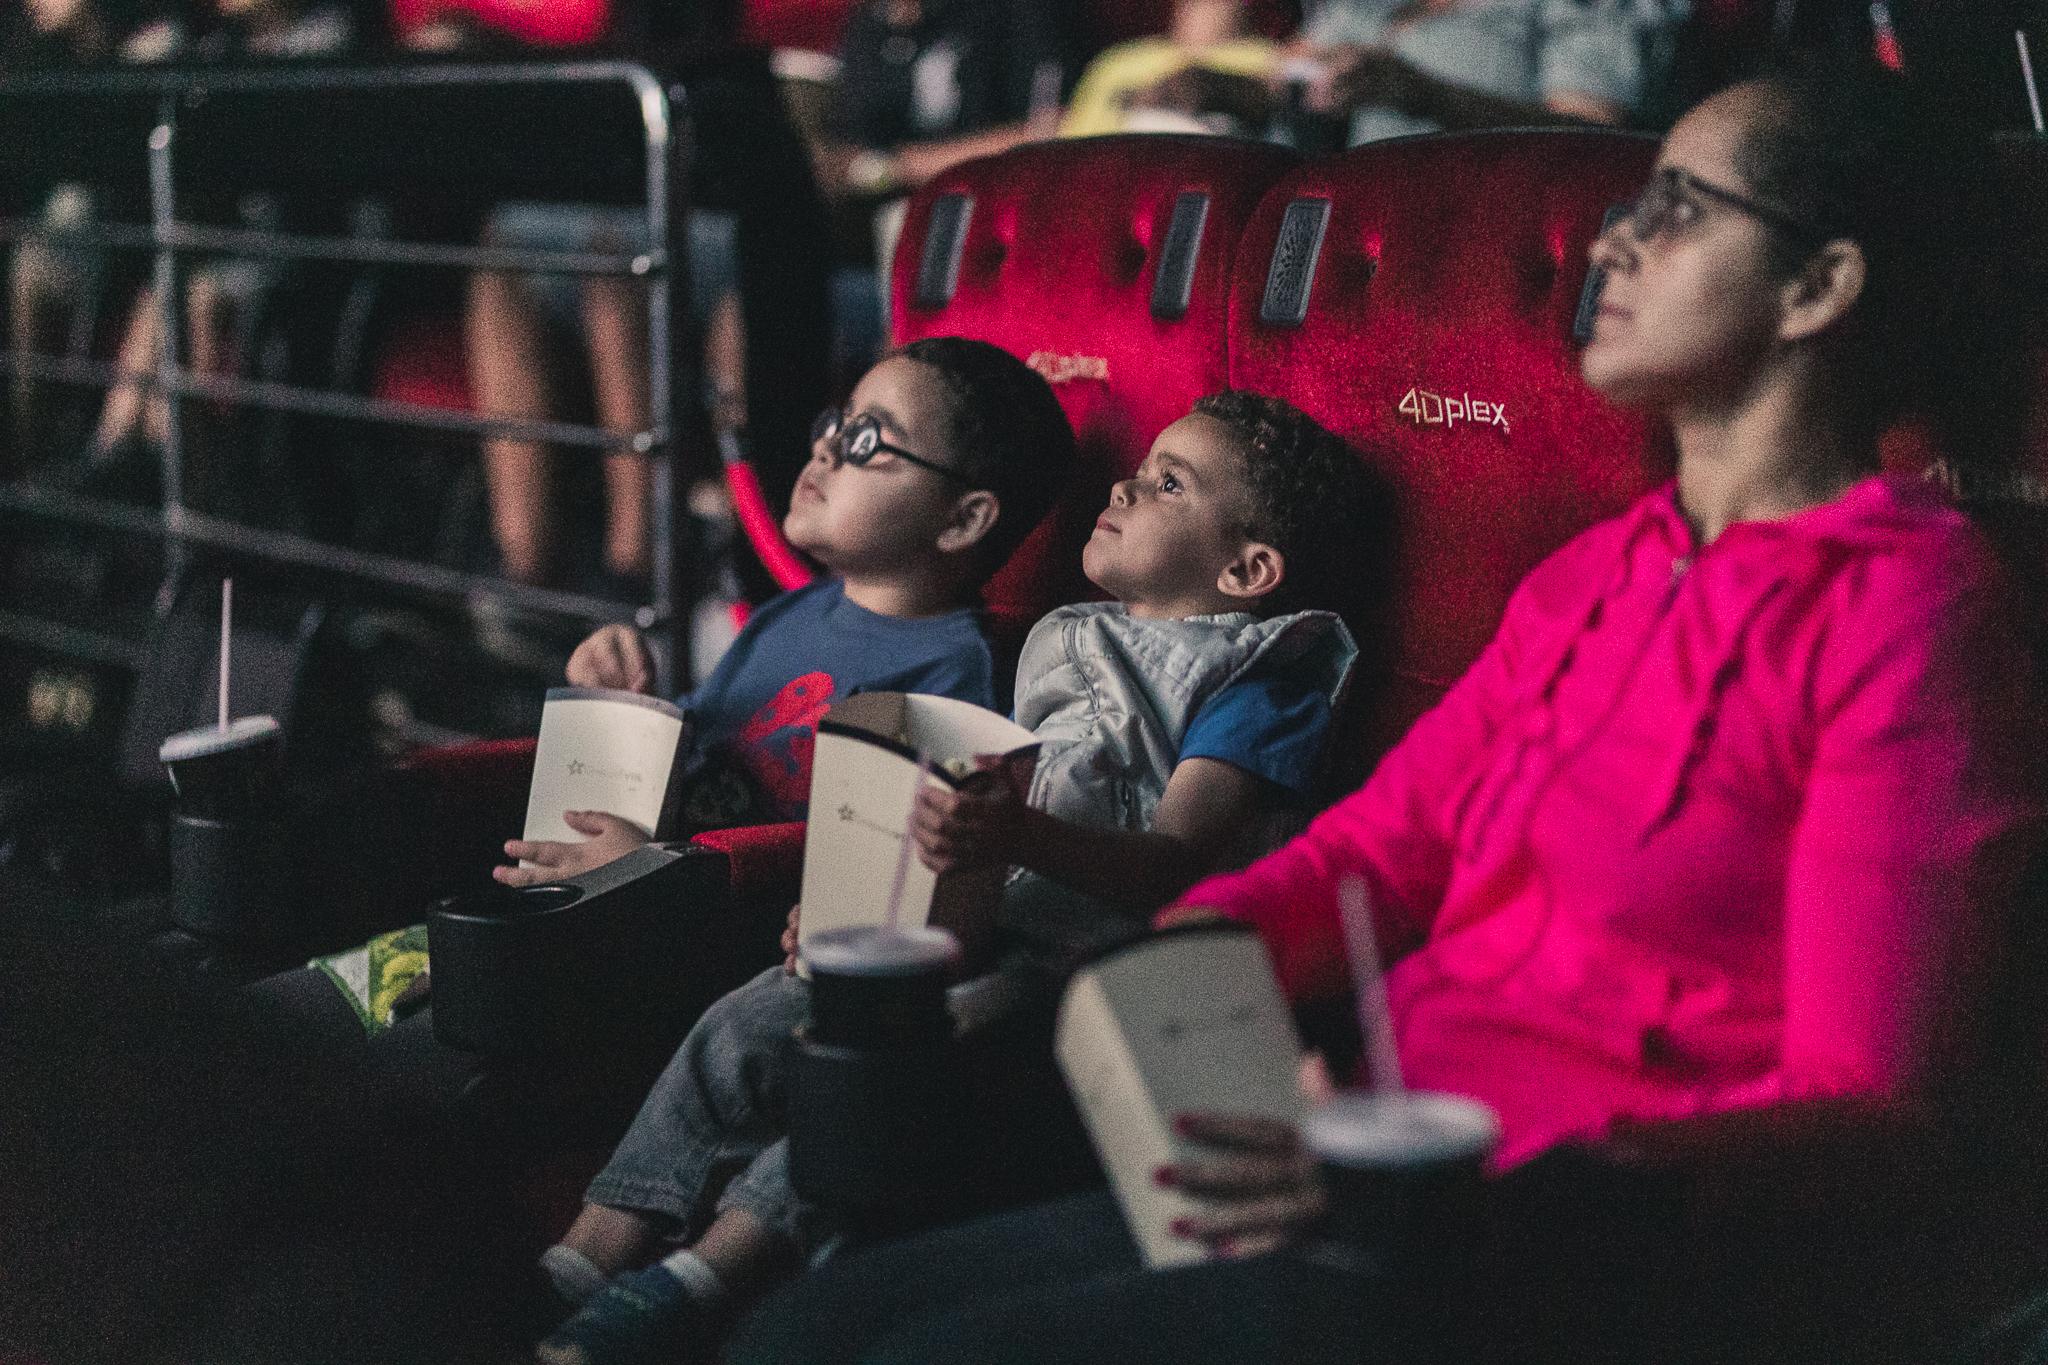 Imagem de uma sessão de cinema inclusivo promovido pelo Telecine. Em destaque, há dois meninos e uma mulher sentados em poltronas de cinema. Eles olham para frente e estão segurando embalagens de pipoca nas mãos.